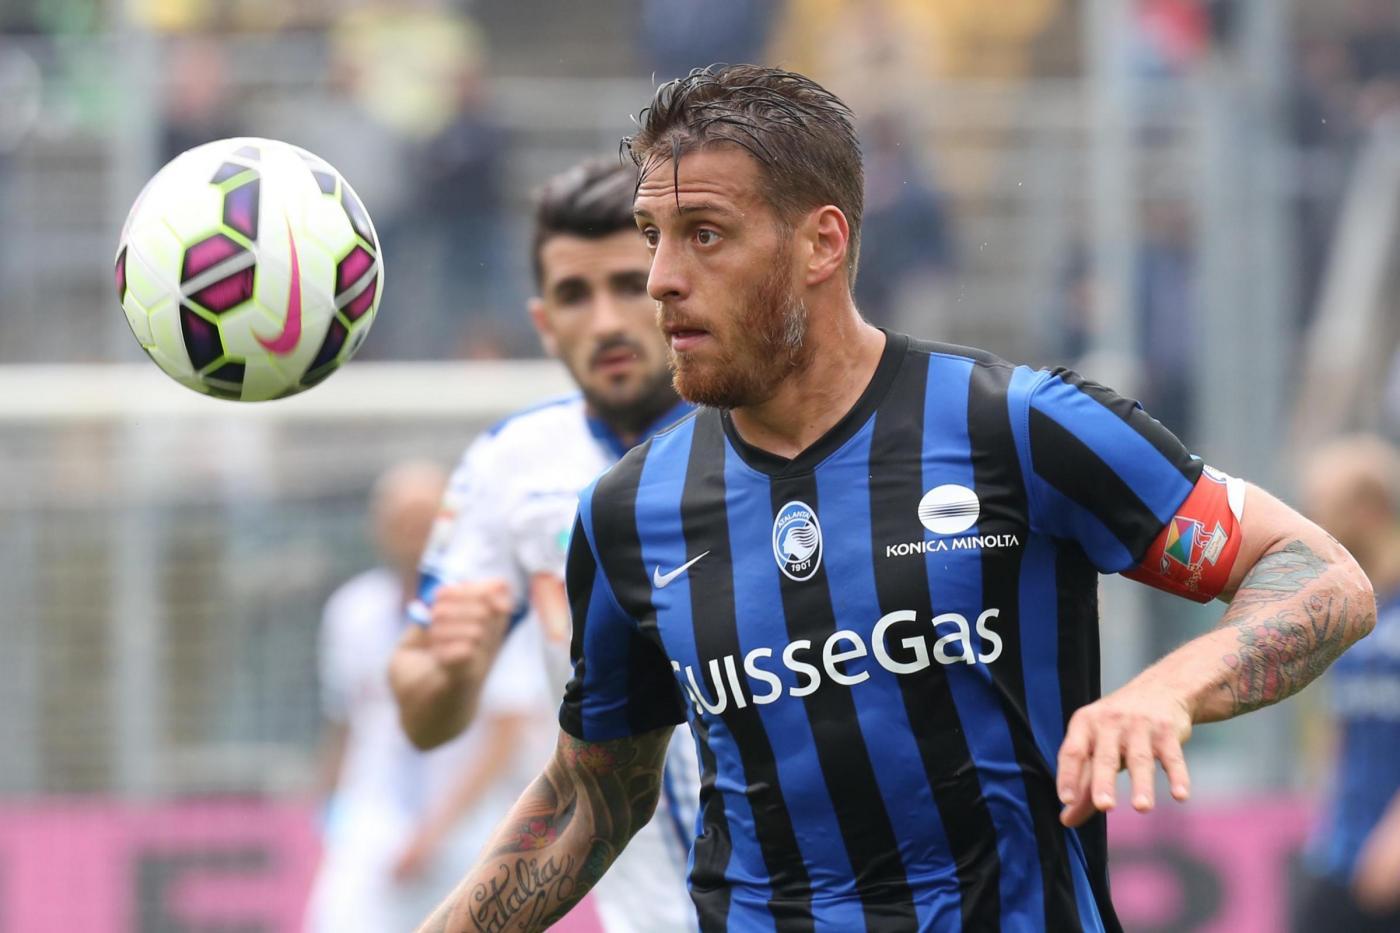 Calcio, Denis squalificato 5 giornate per il pugno a Tonelli